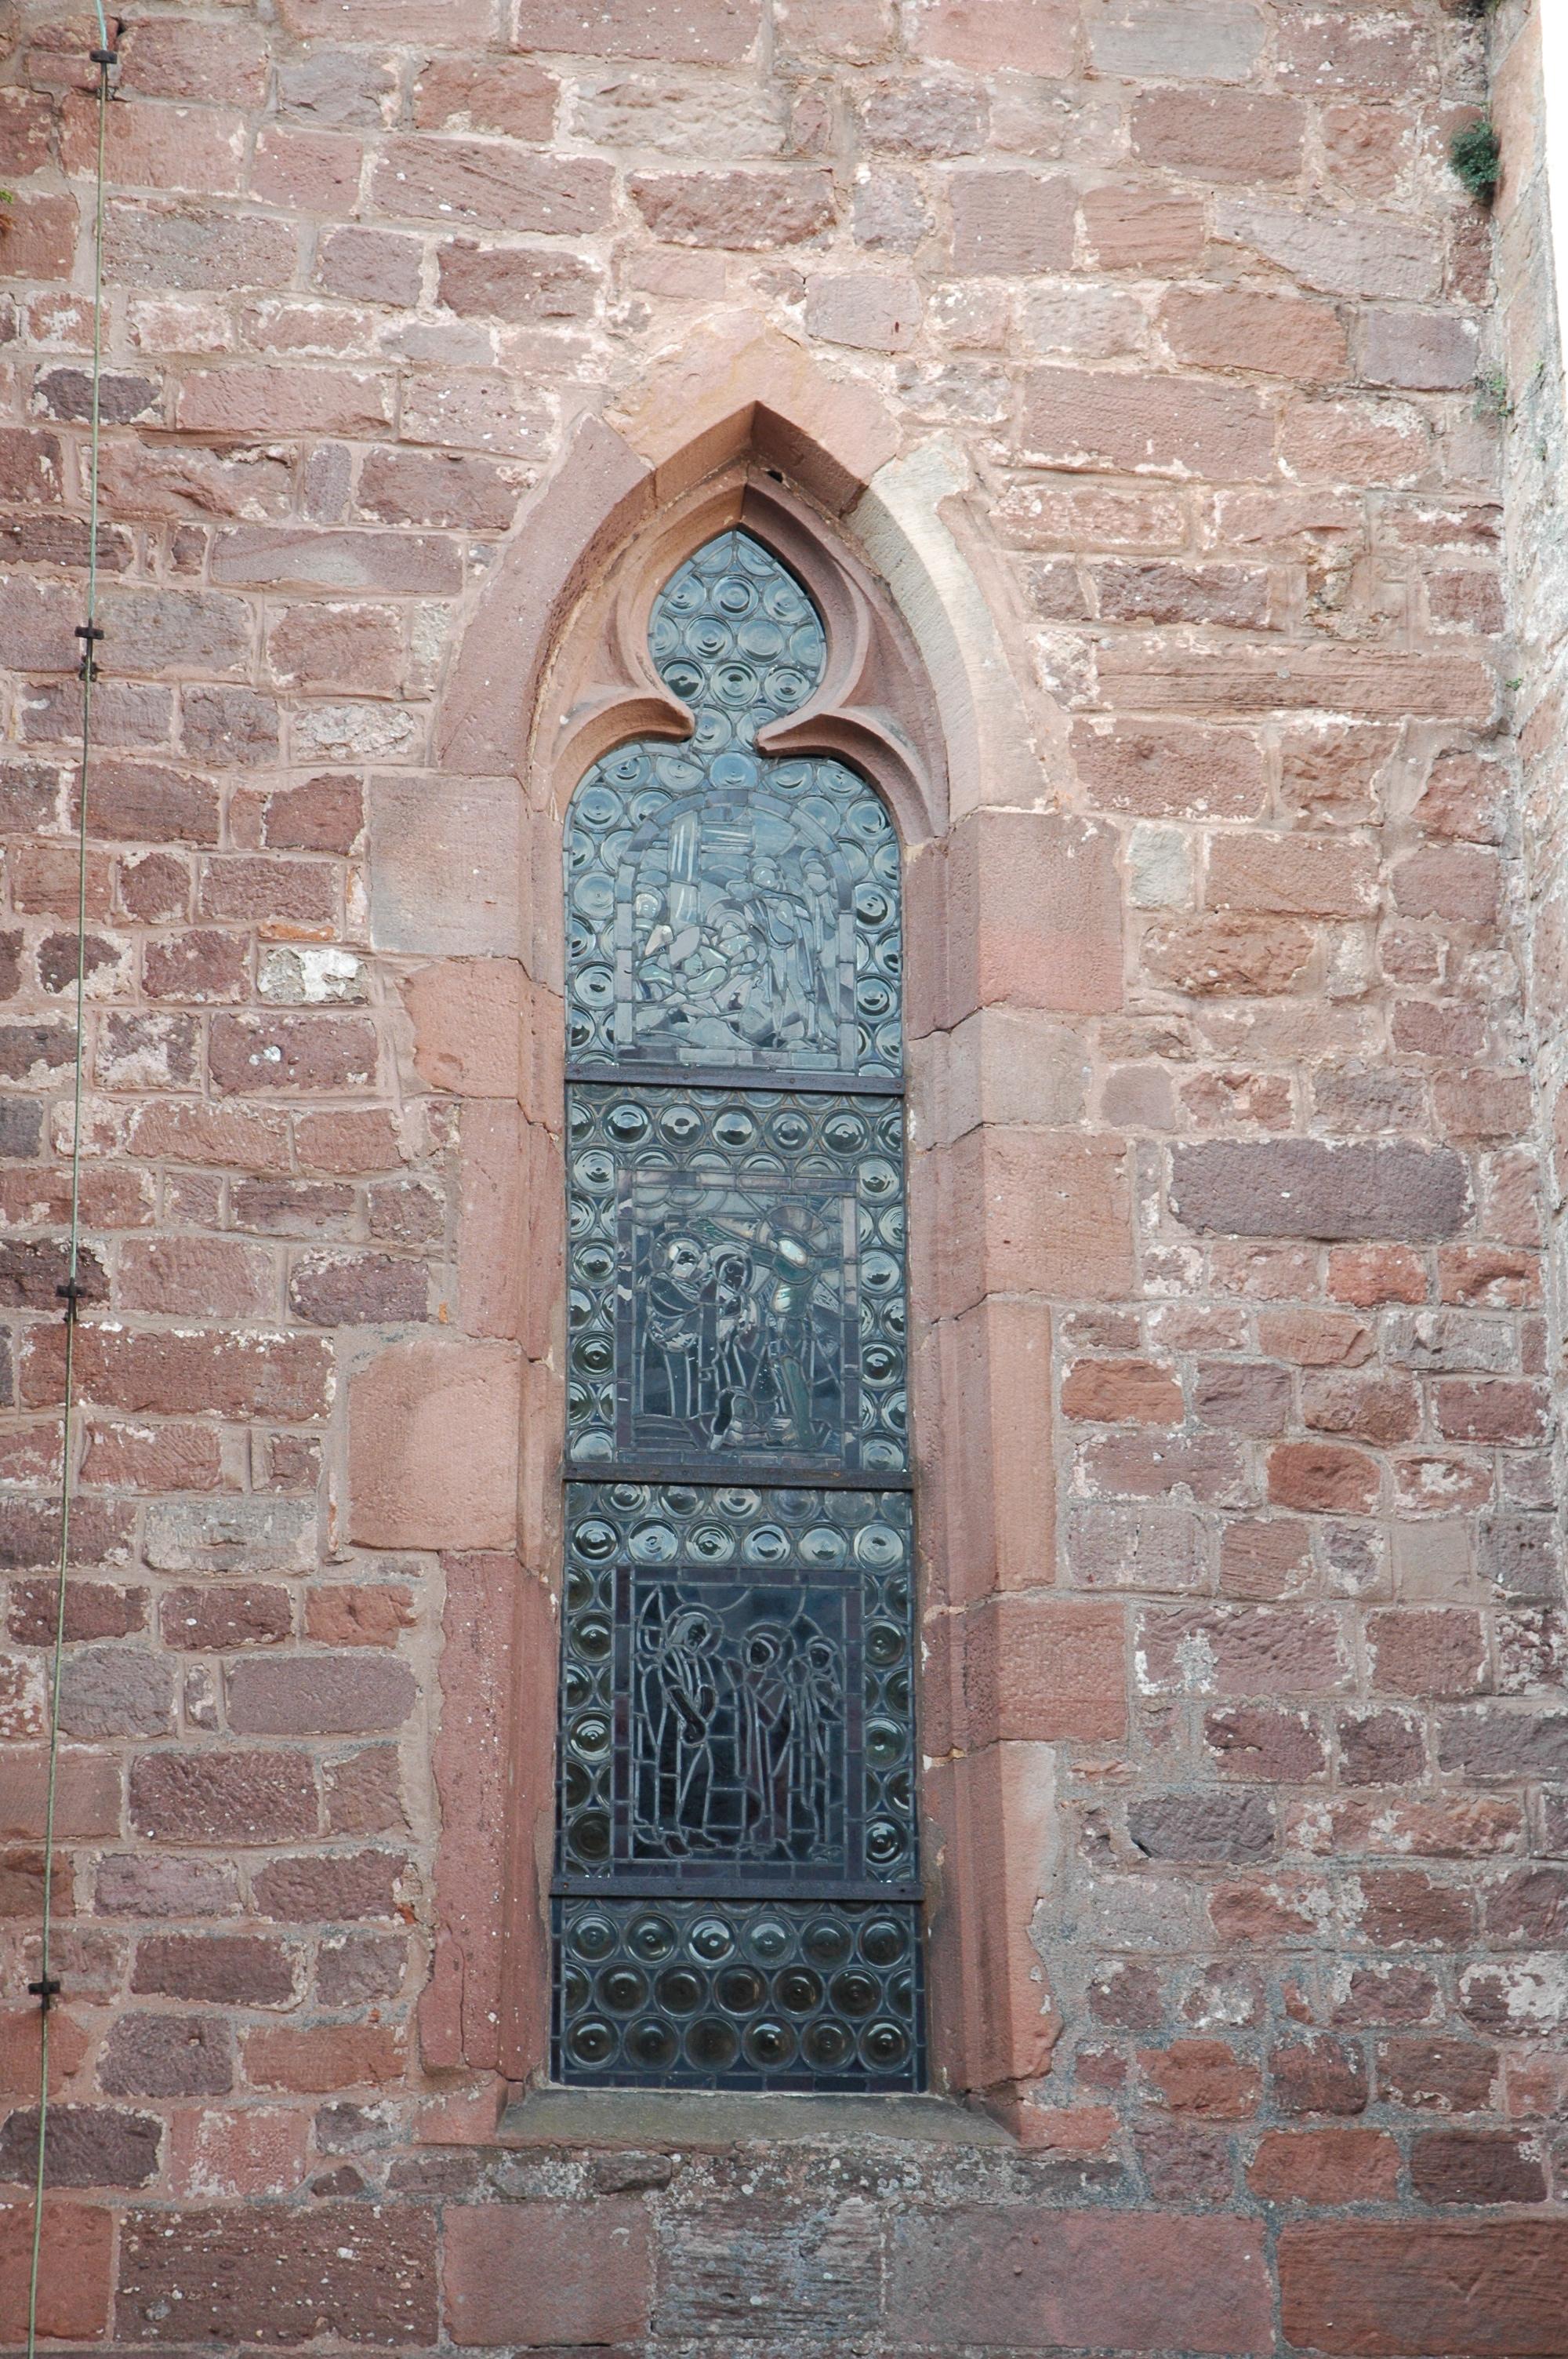 Fichier mont sainte odile fen tre gothique vestige de l for Fenetre gothique